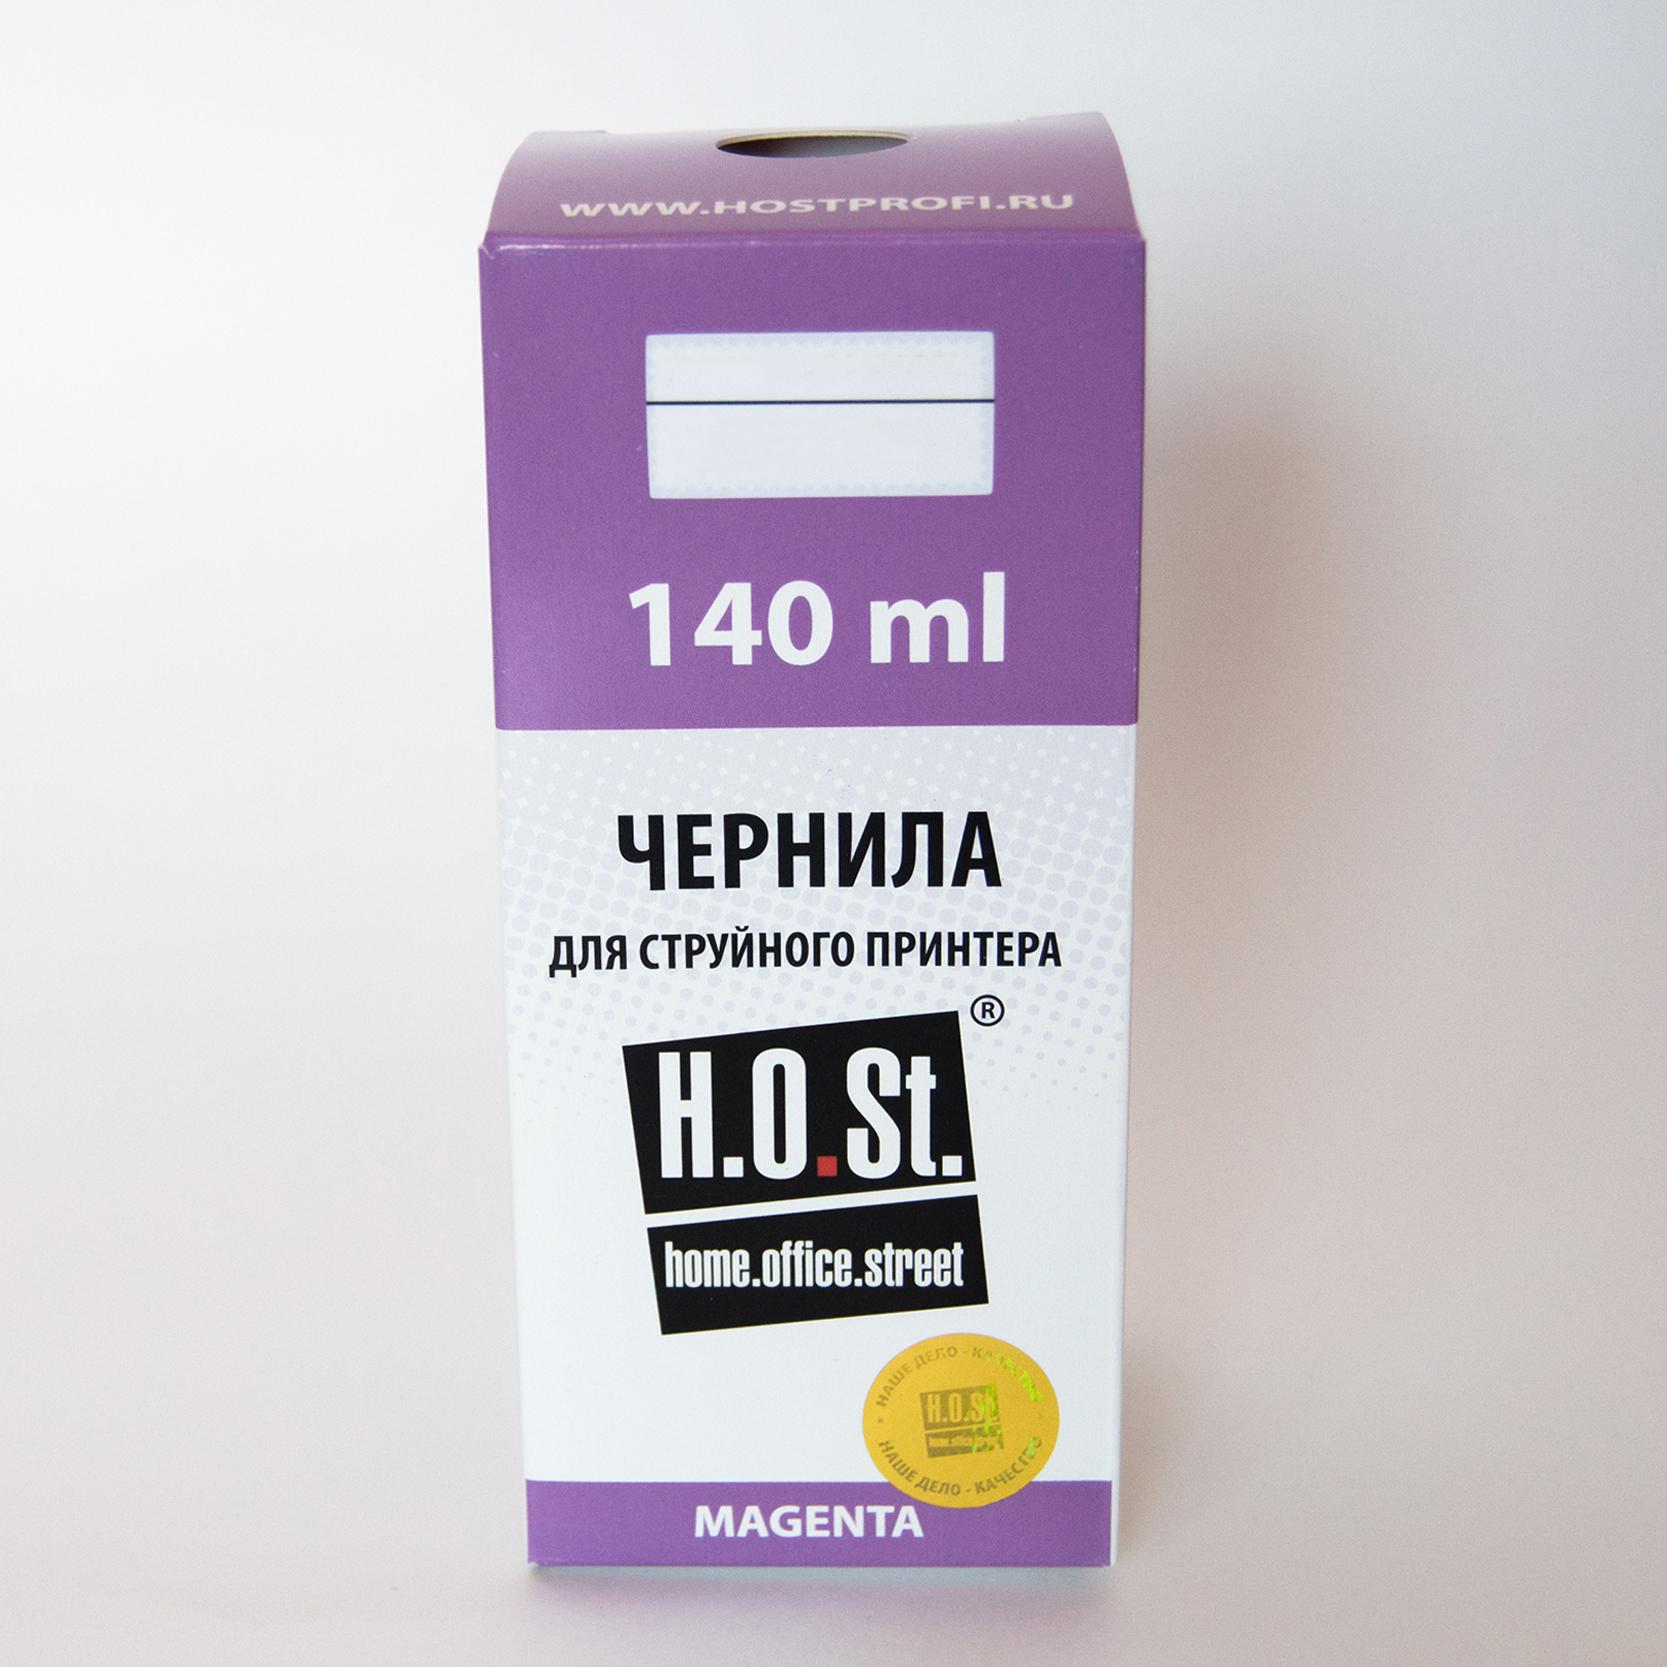 Чернила HOSt для Epson TX117 Magenta водные Премиум 140ml